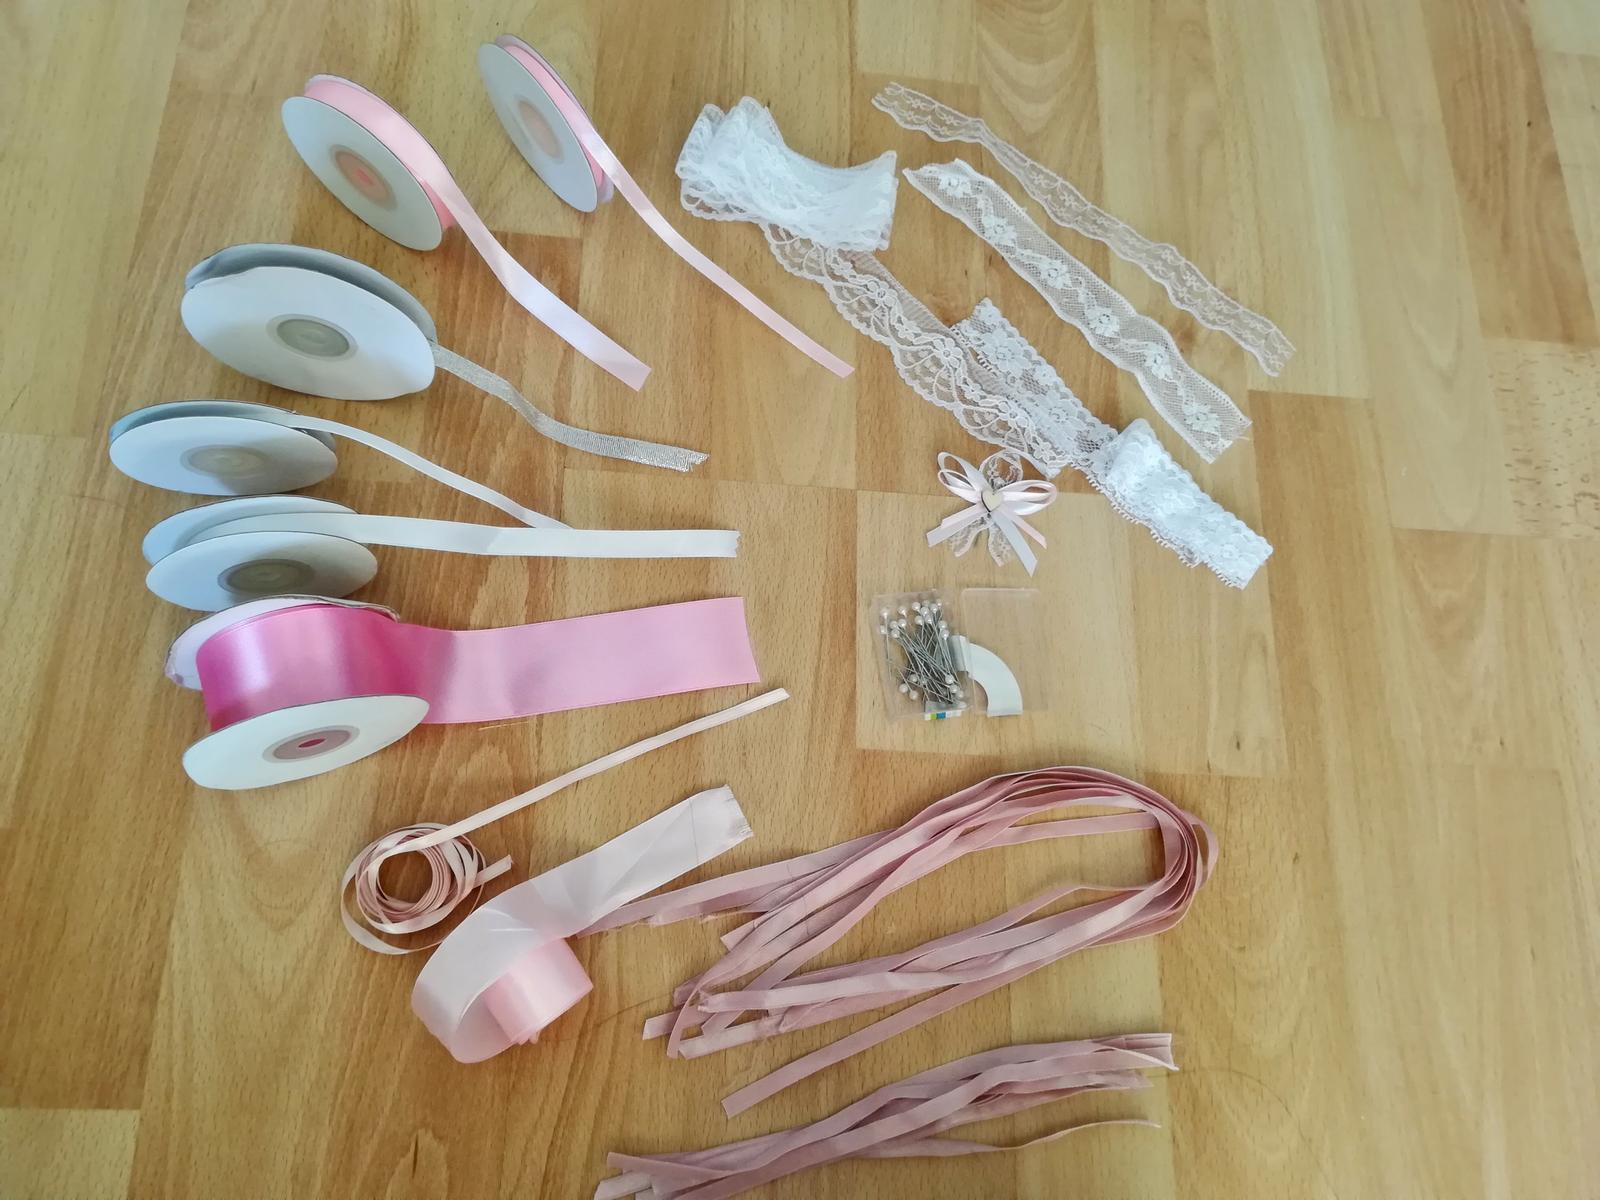 Různě dlouhé zbytky stužek a krajek + špendlíky s perleťovou hlavičkou - Obrázek č. 1